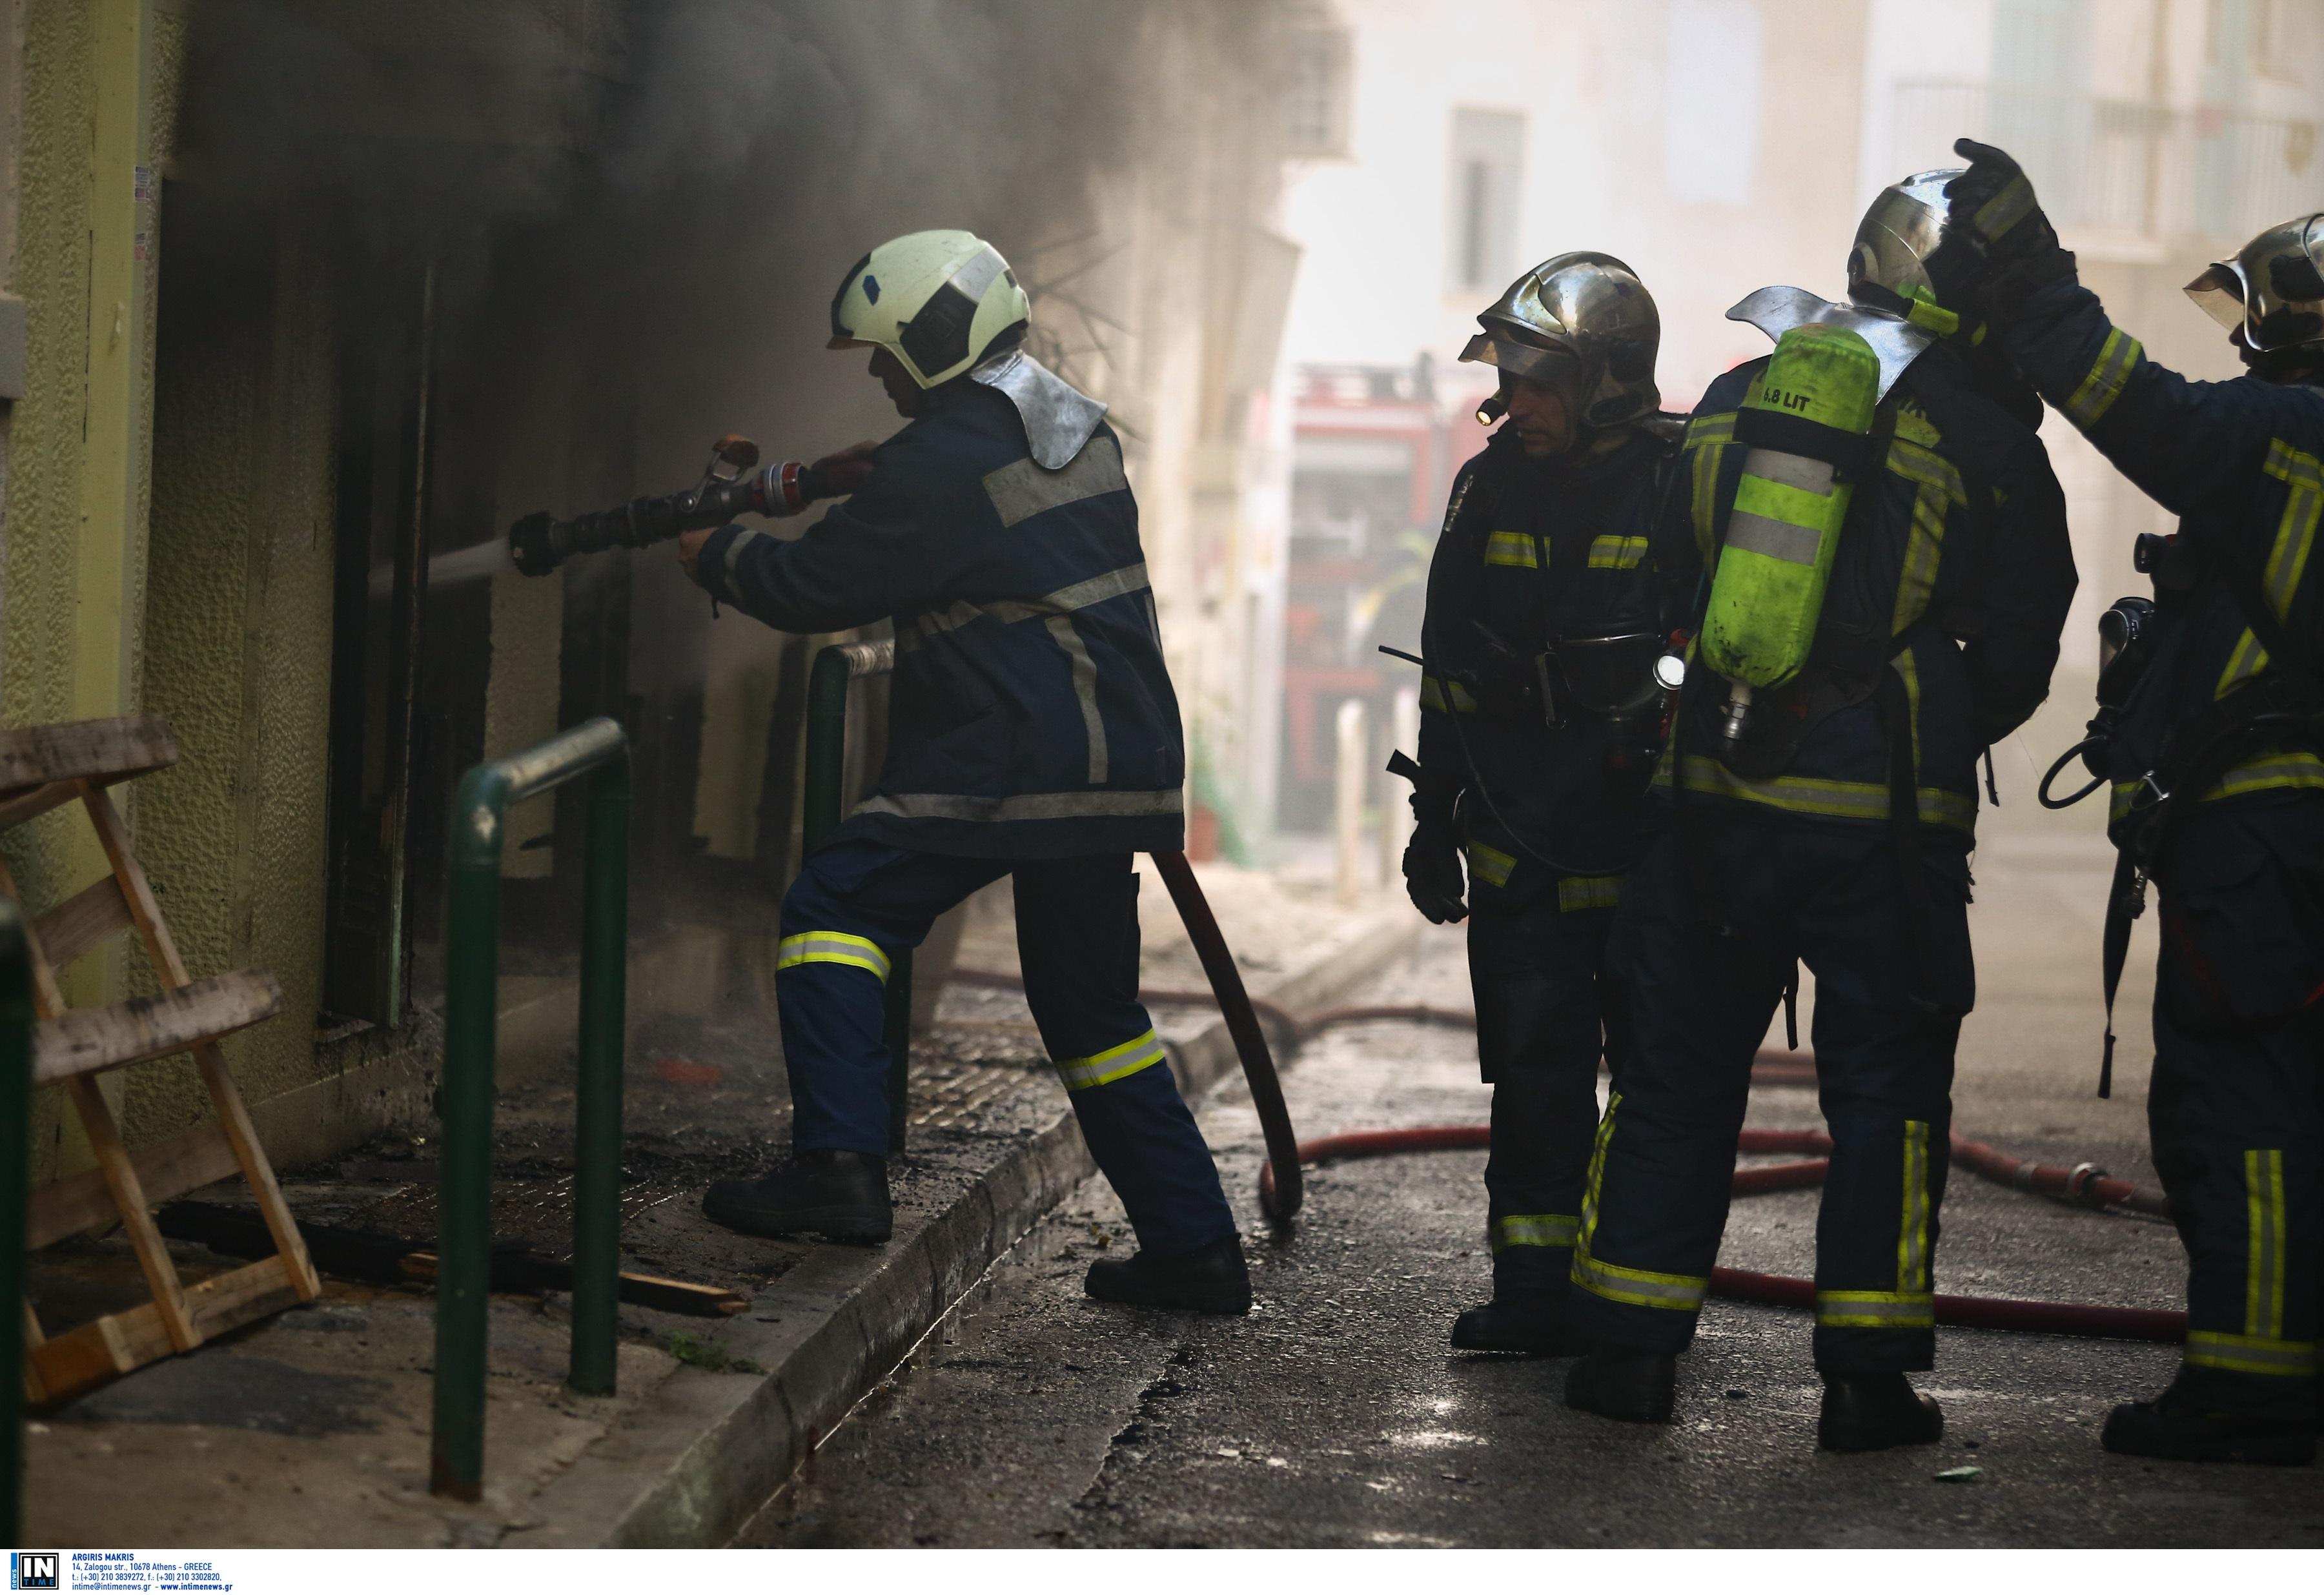 Φωτιά σε σπίτι στο Ρέθυμνο: Ένας άνθρωπος στο νοσοκομείο!